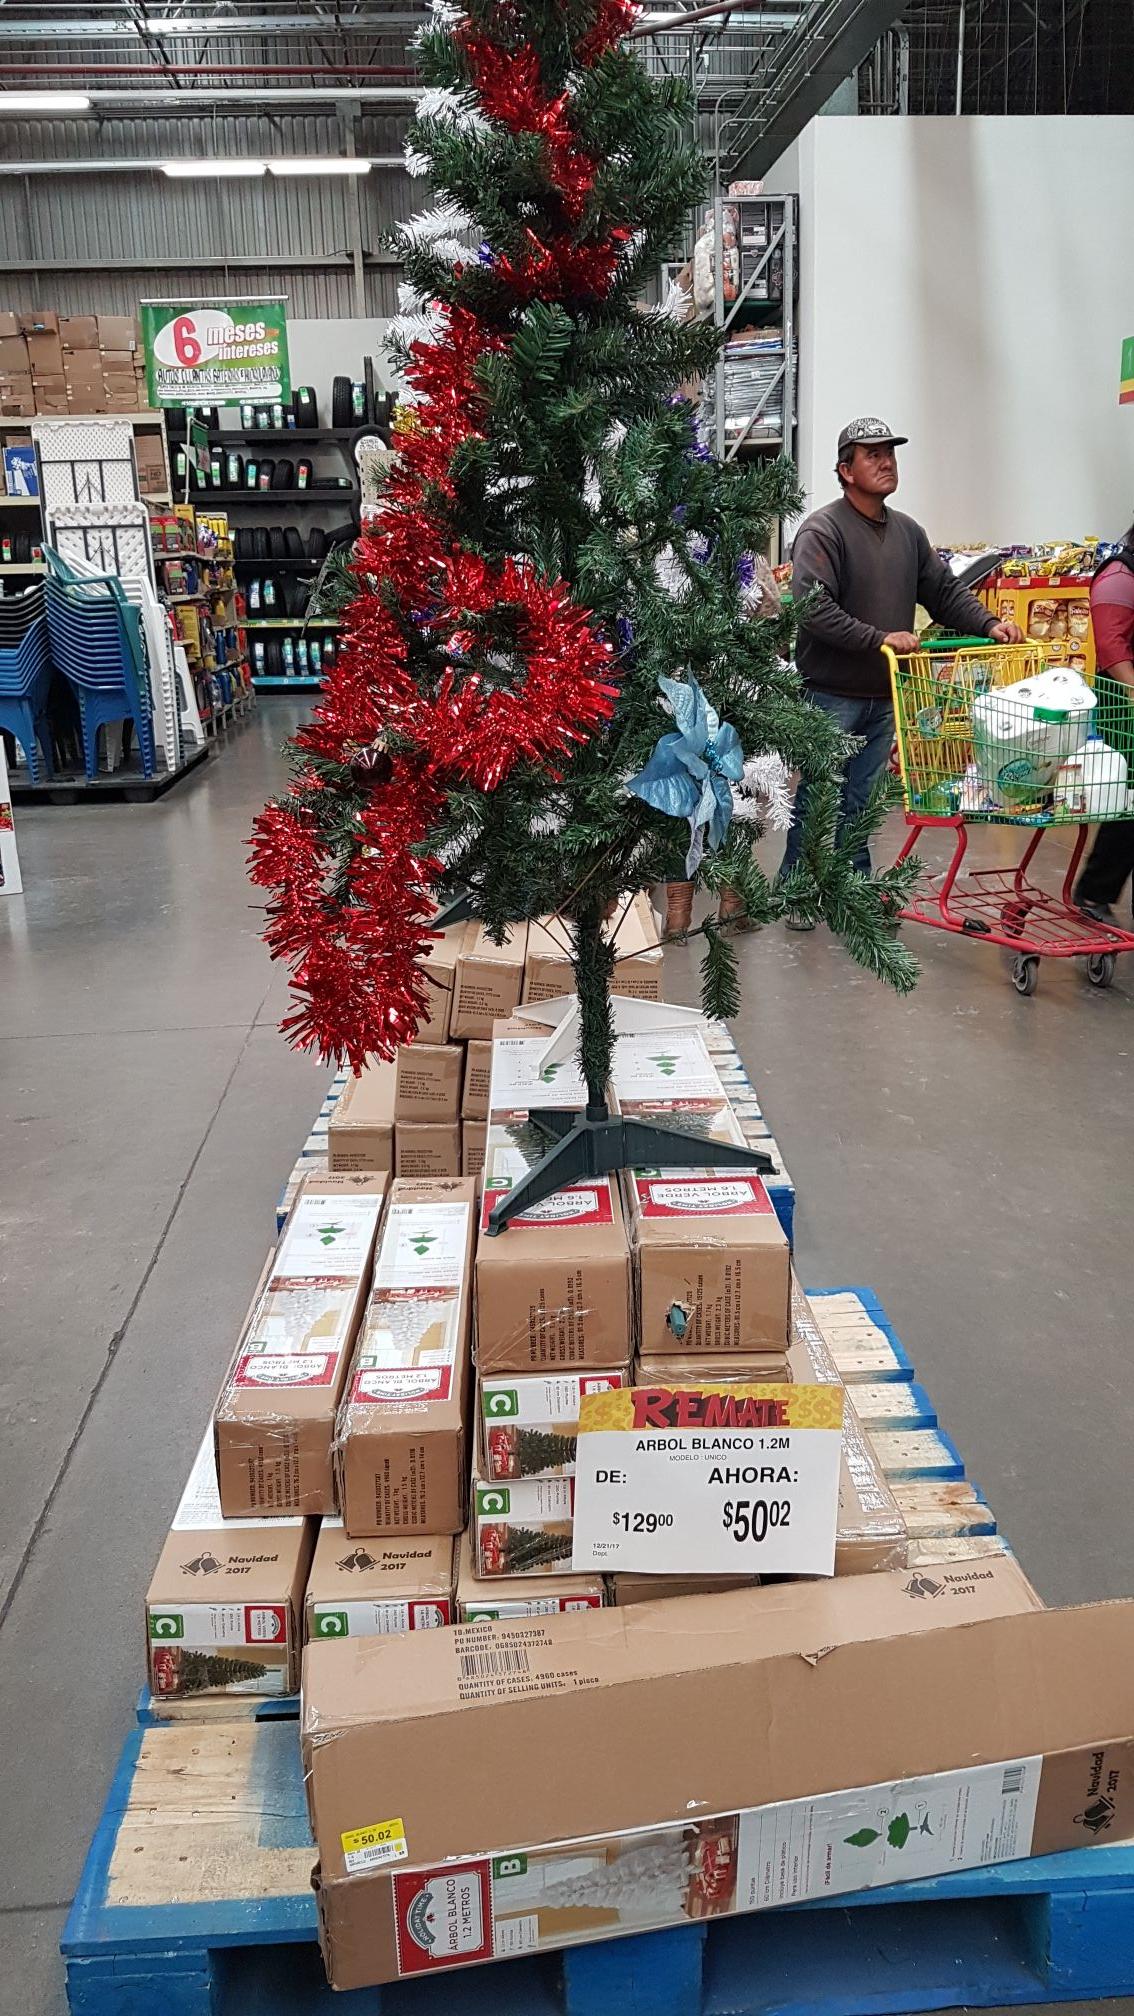 Bodega Aurrerá: Árbol de Navidad de 1.2m a $50.02